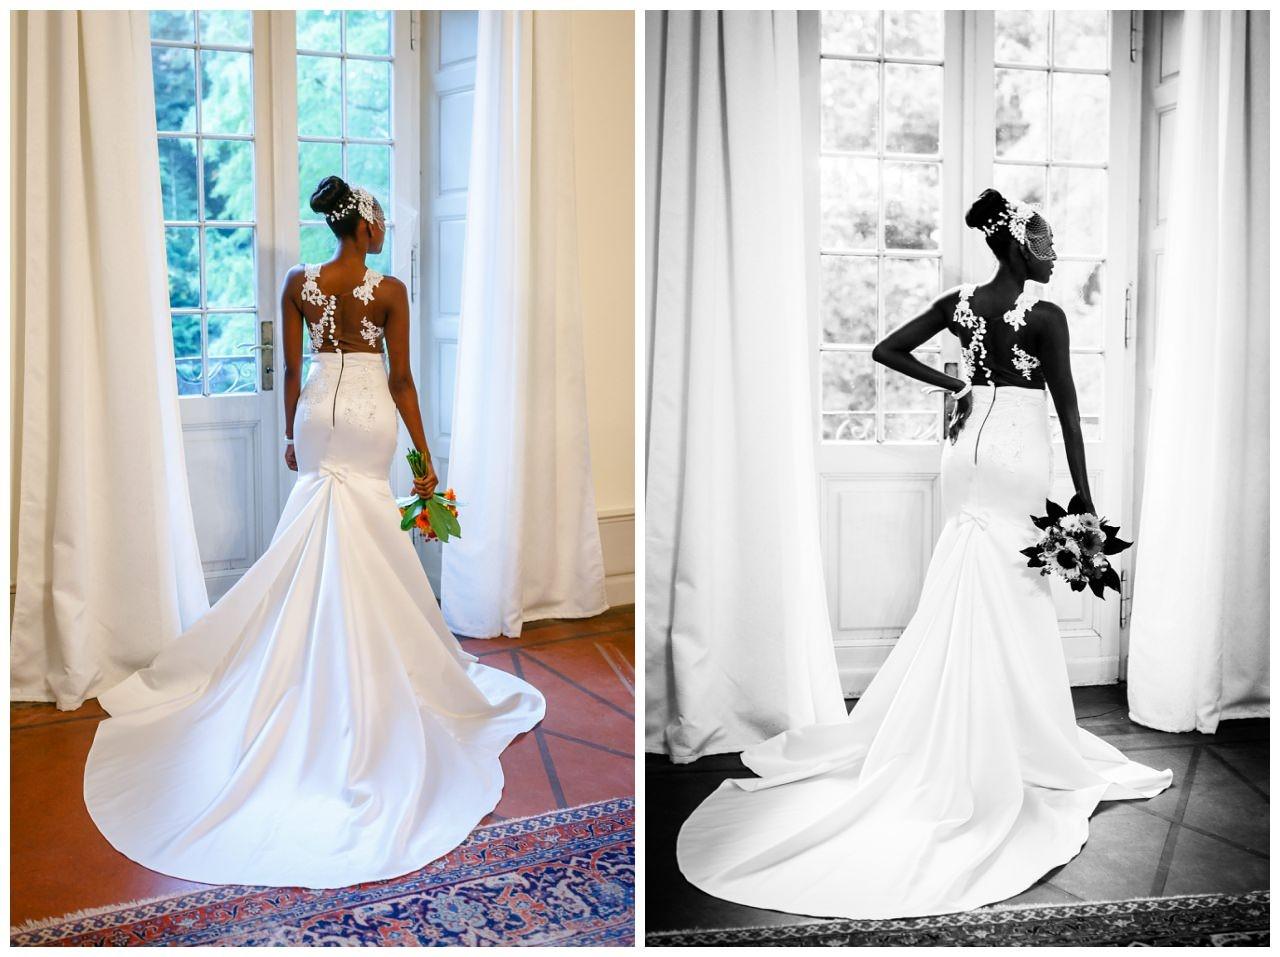 Die Braut steht in ihrem Mermaid-Brautkleid am Fenster.